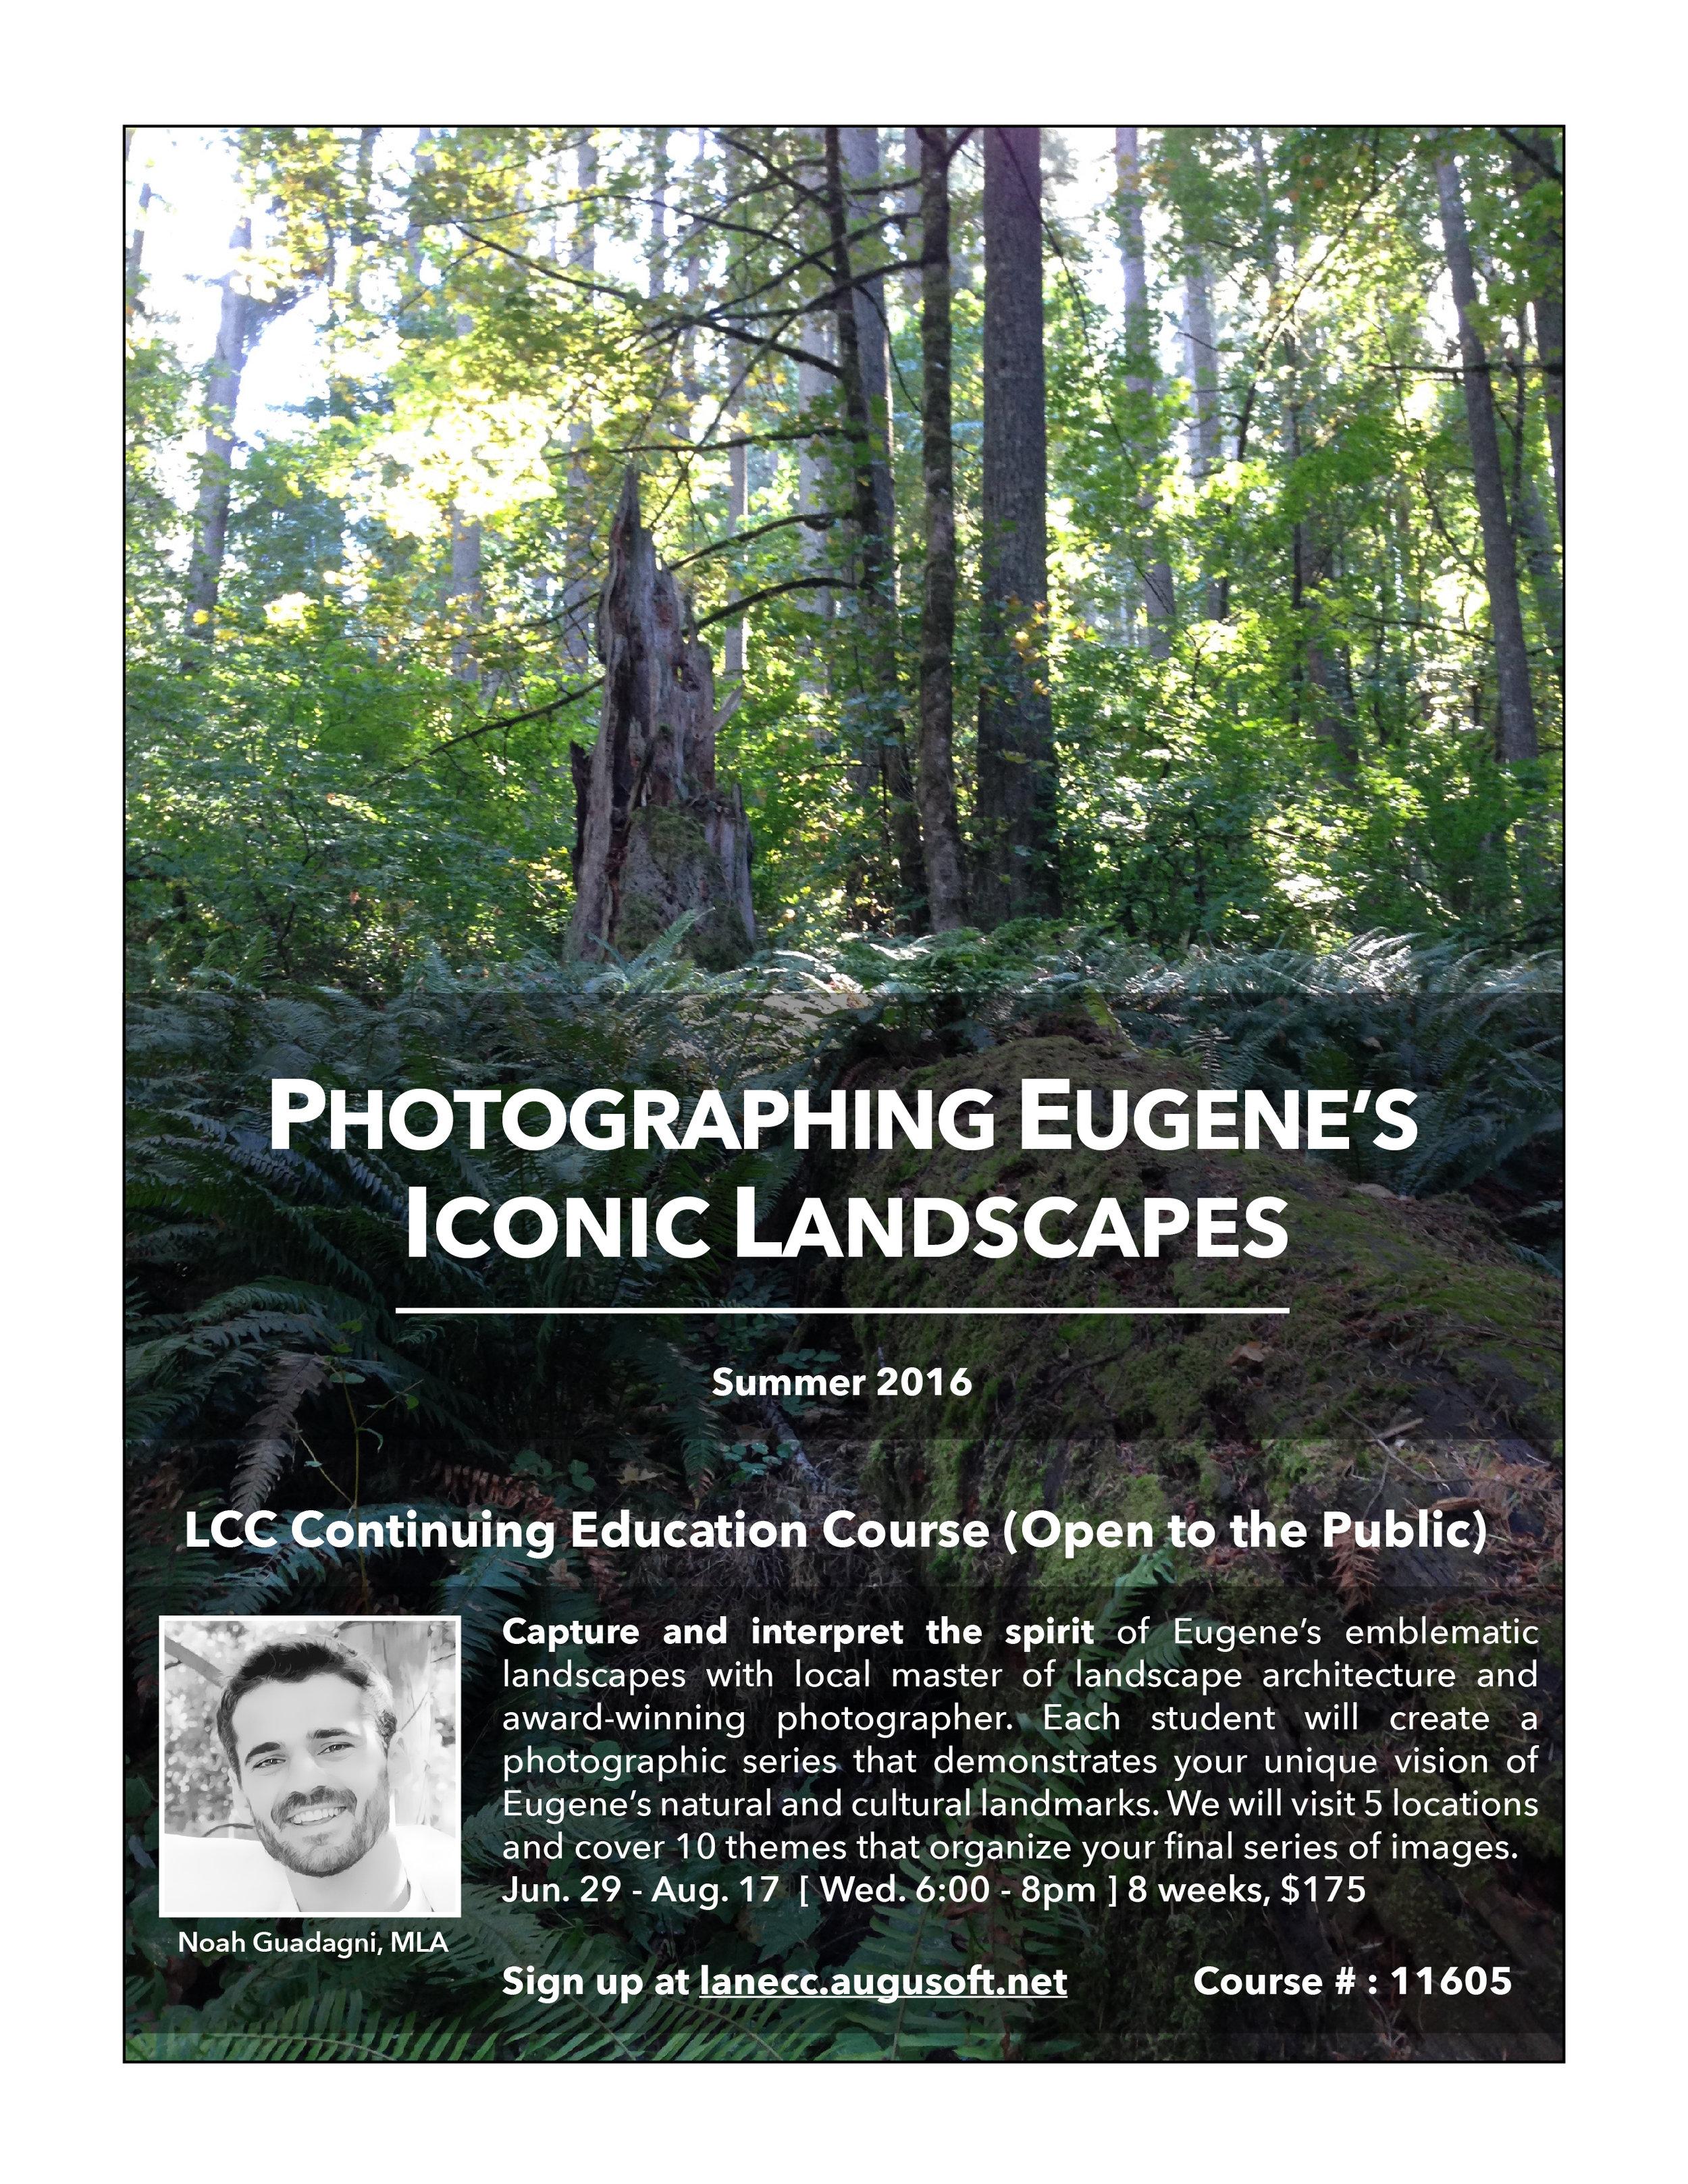 Eugene_Landscape_Poster_LCC-01.jpg